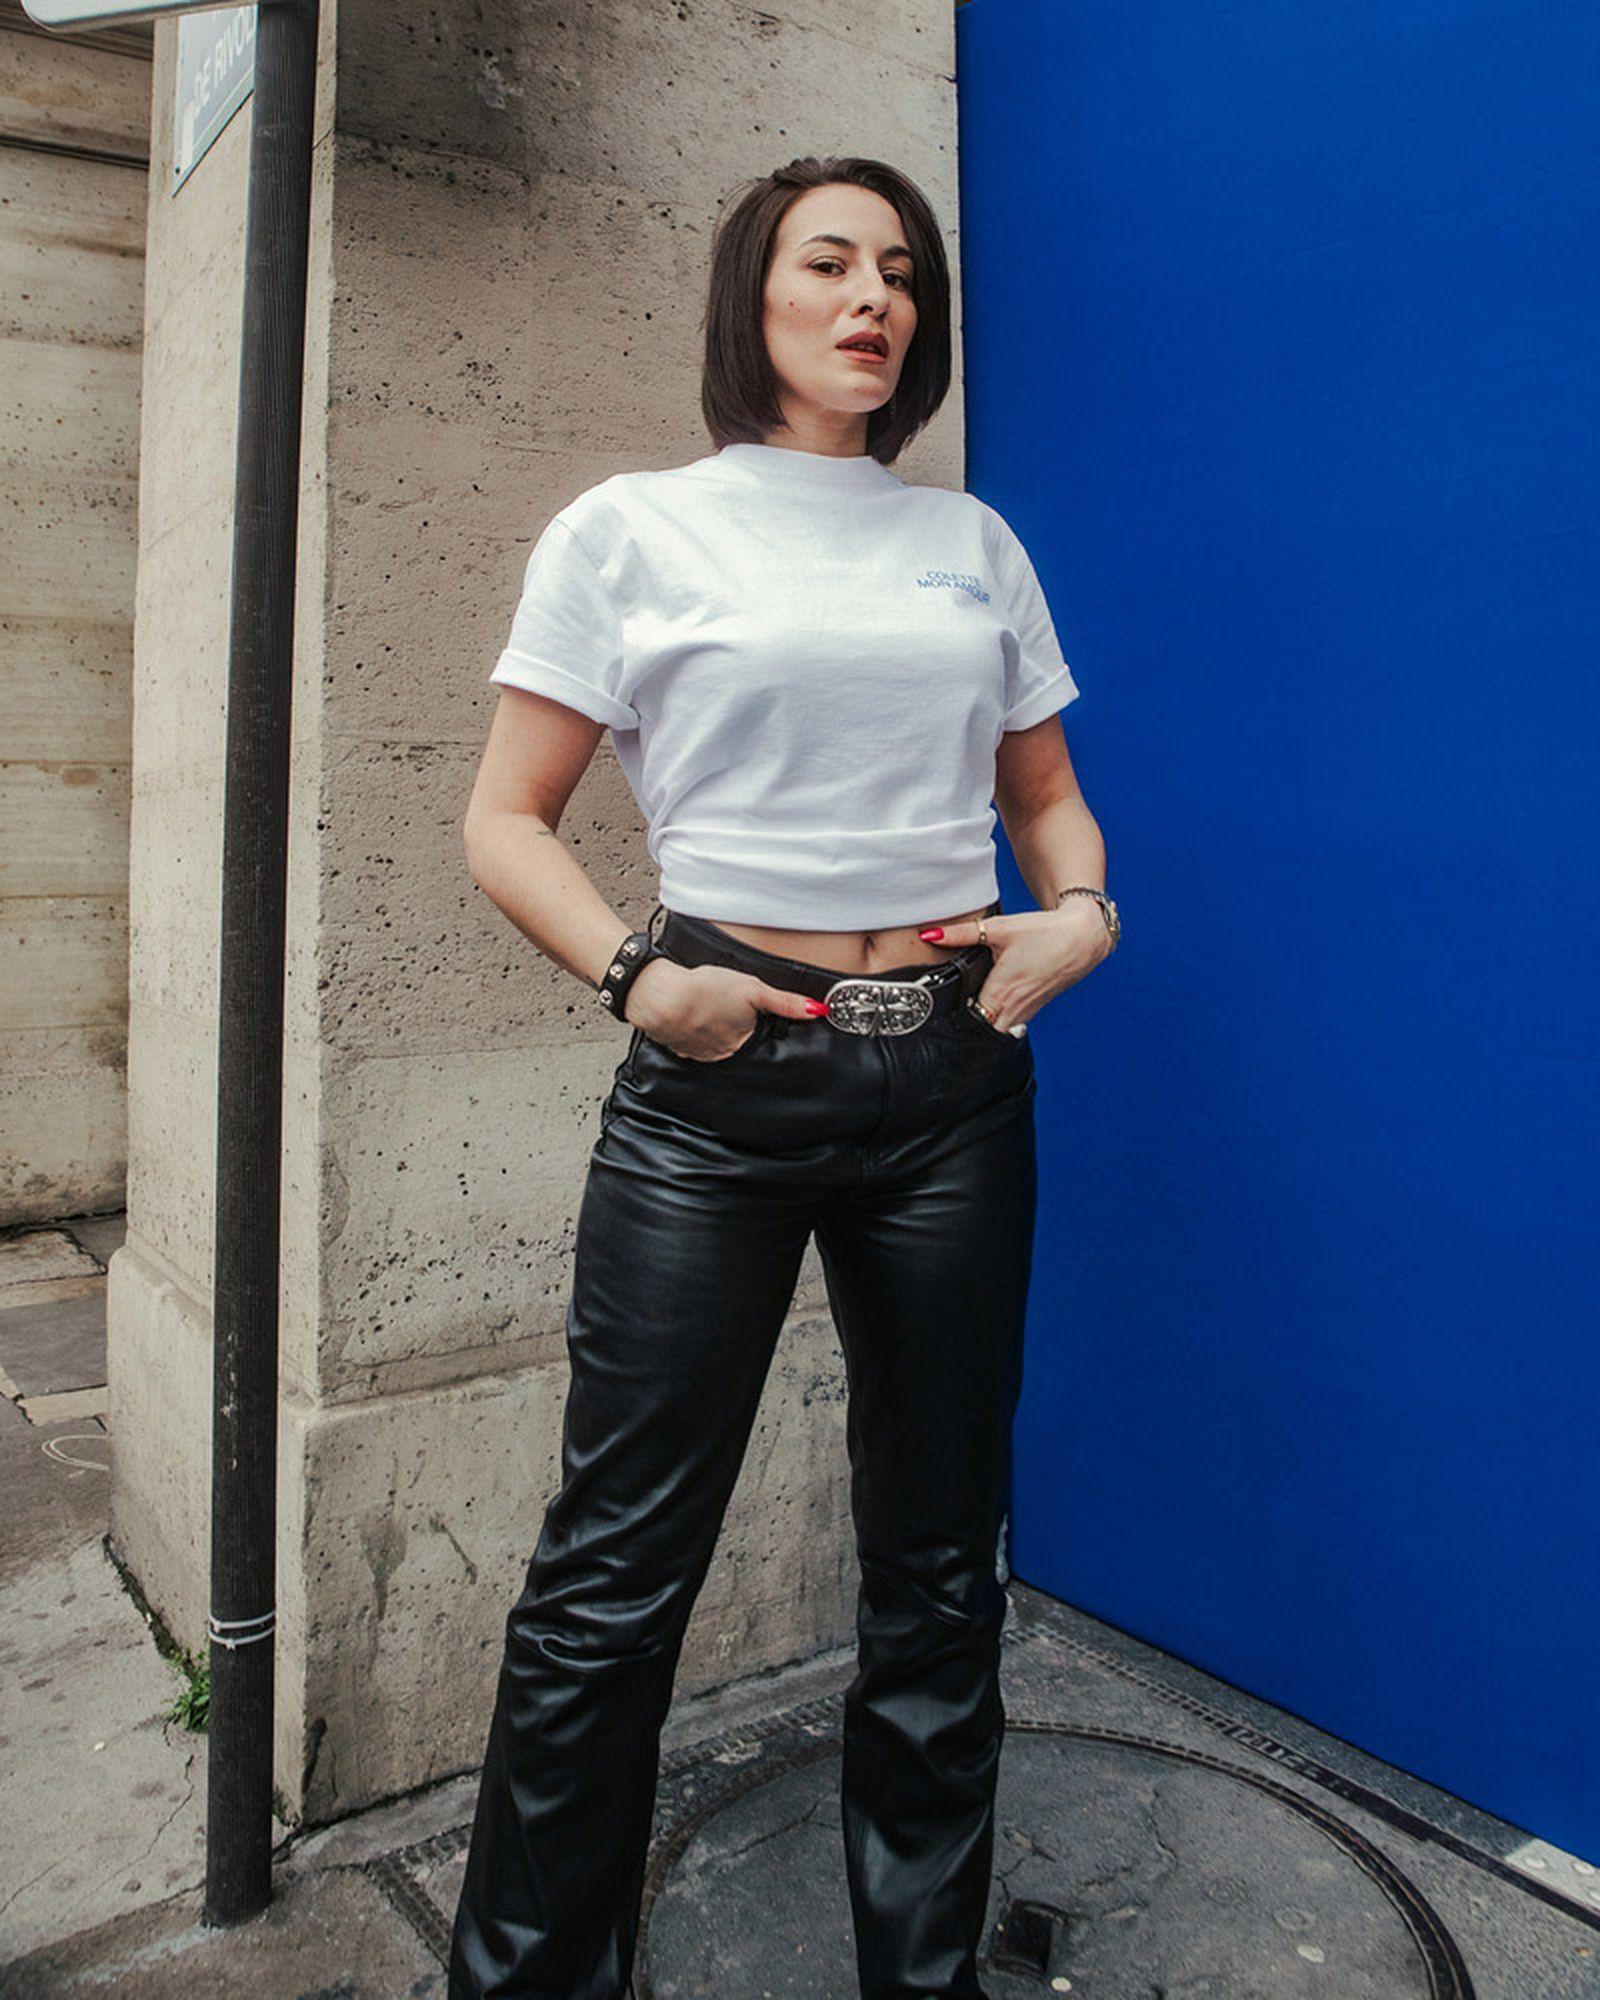 200217_HS-colette-paris_Lucas-Christiansen_Q2A7608_Laura